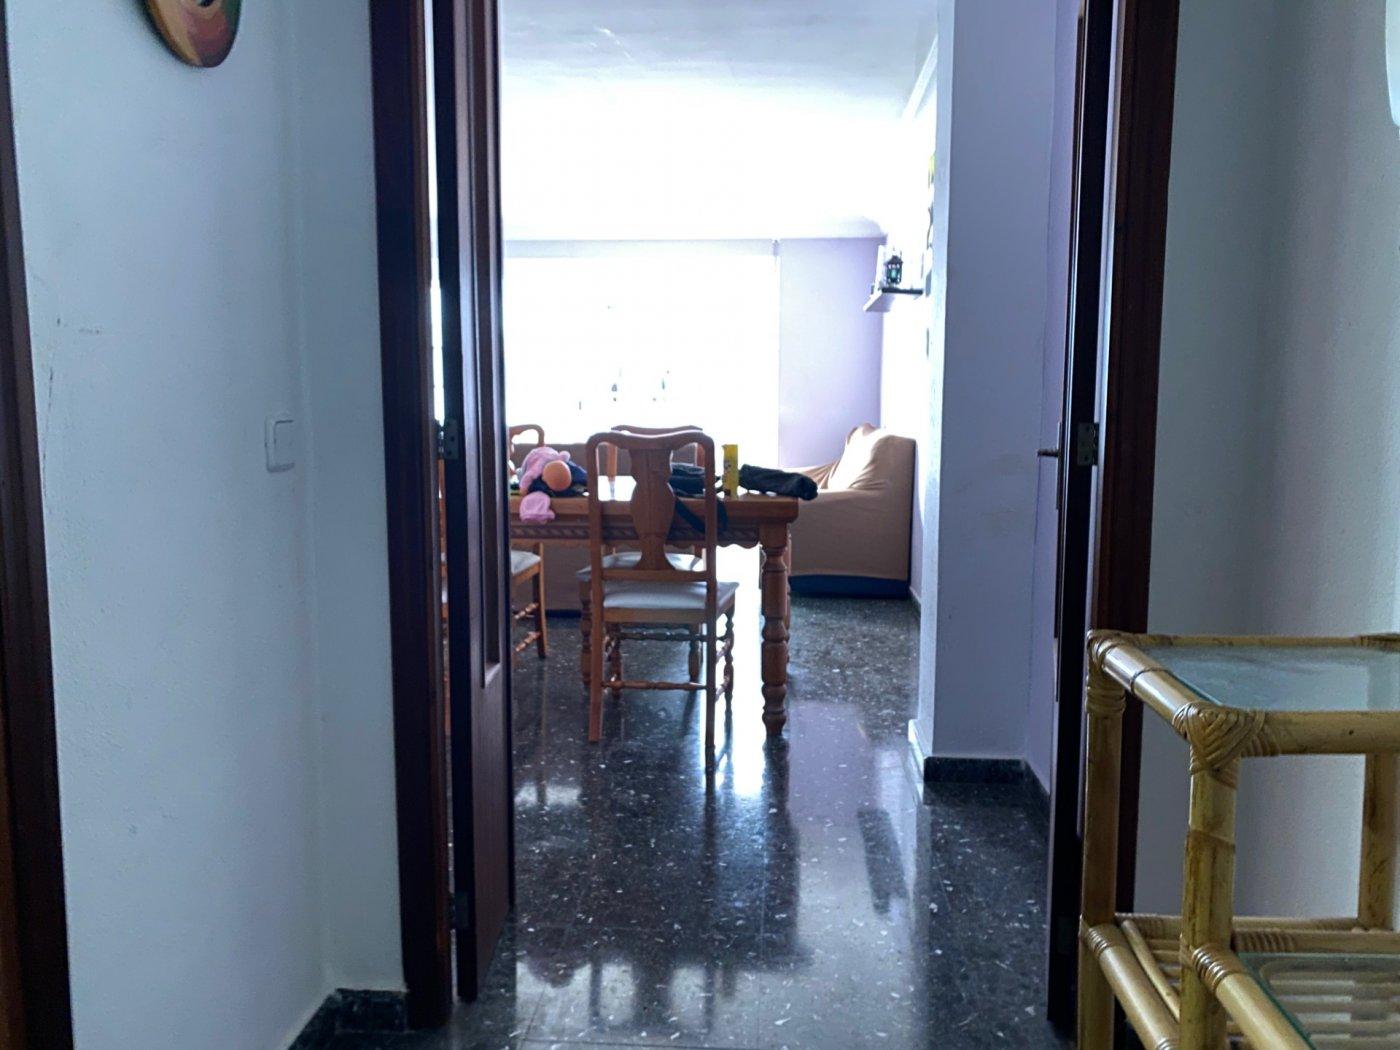 Espacioso piso a la venta en puerto pollensa - imagenInmueble19